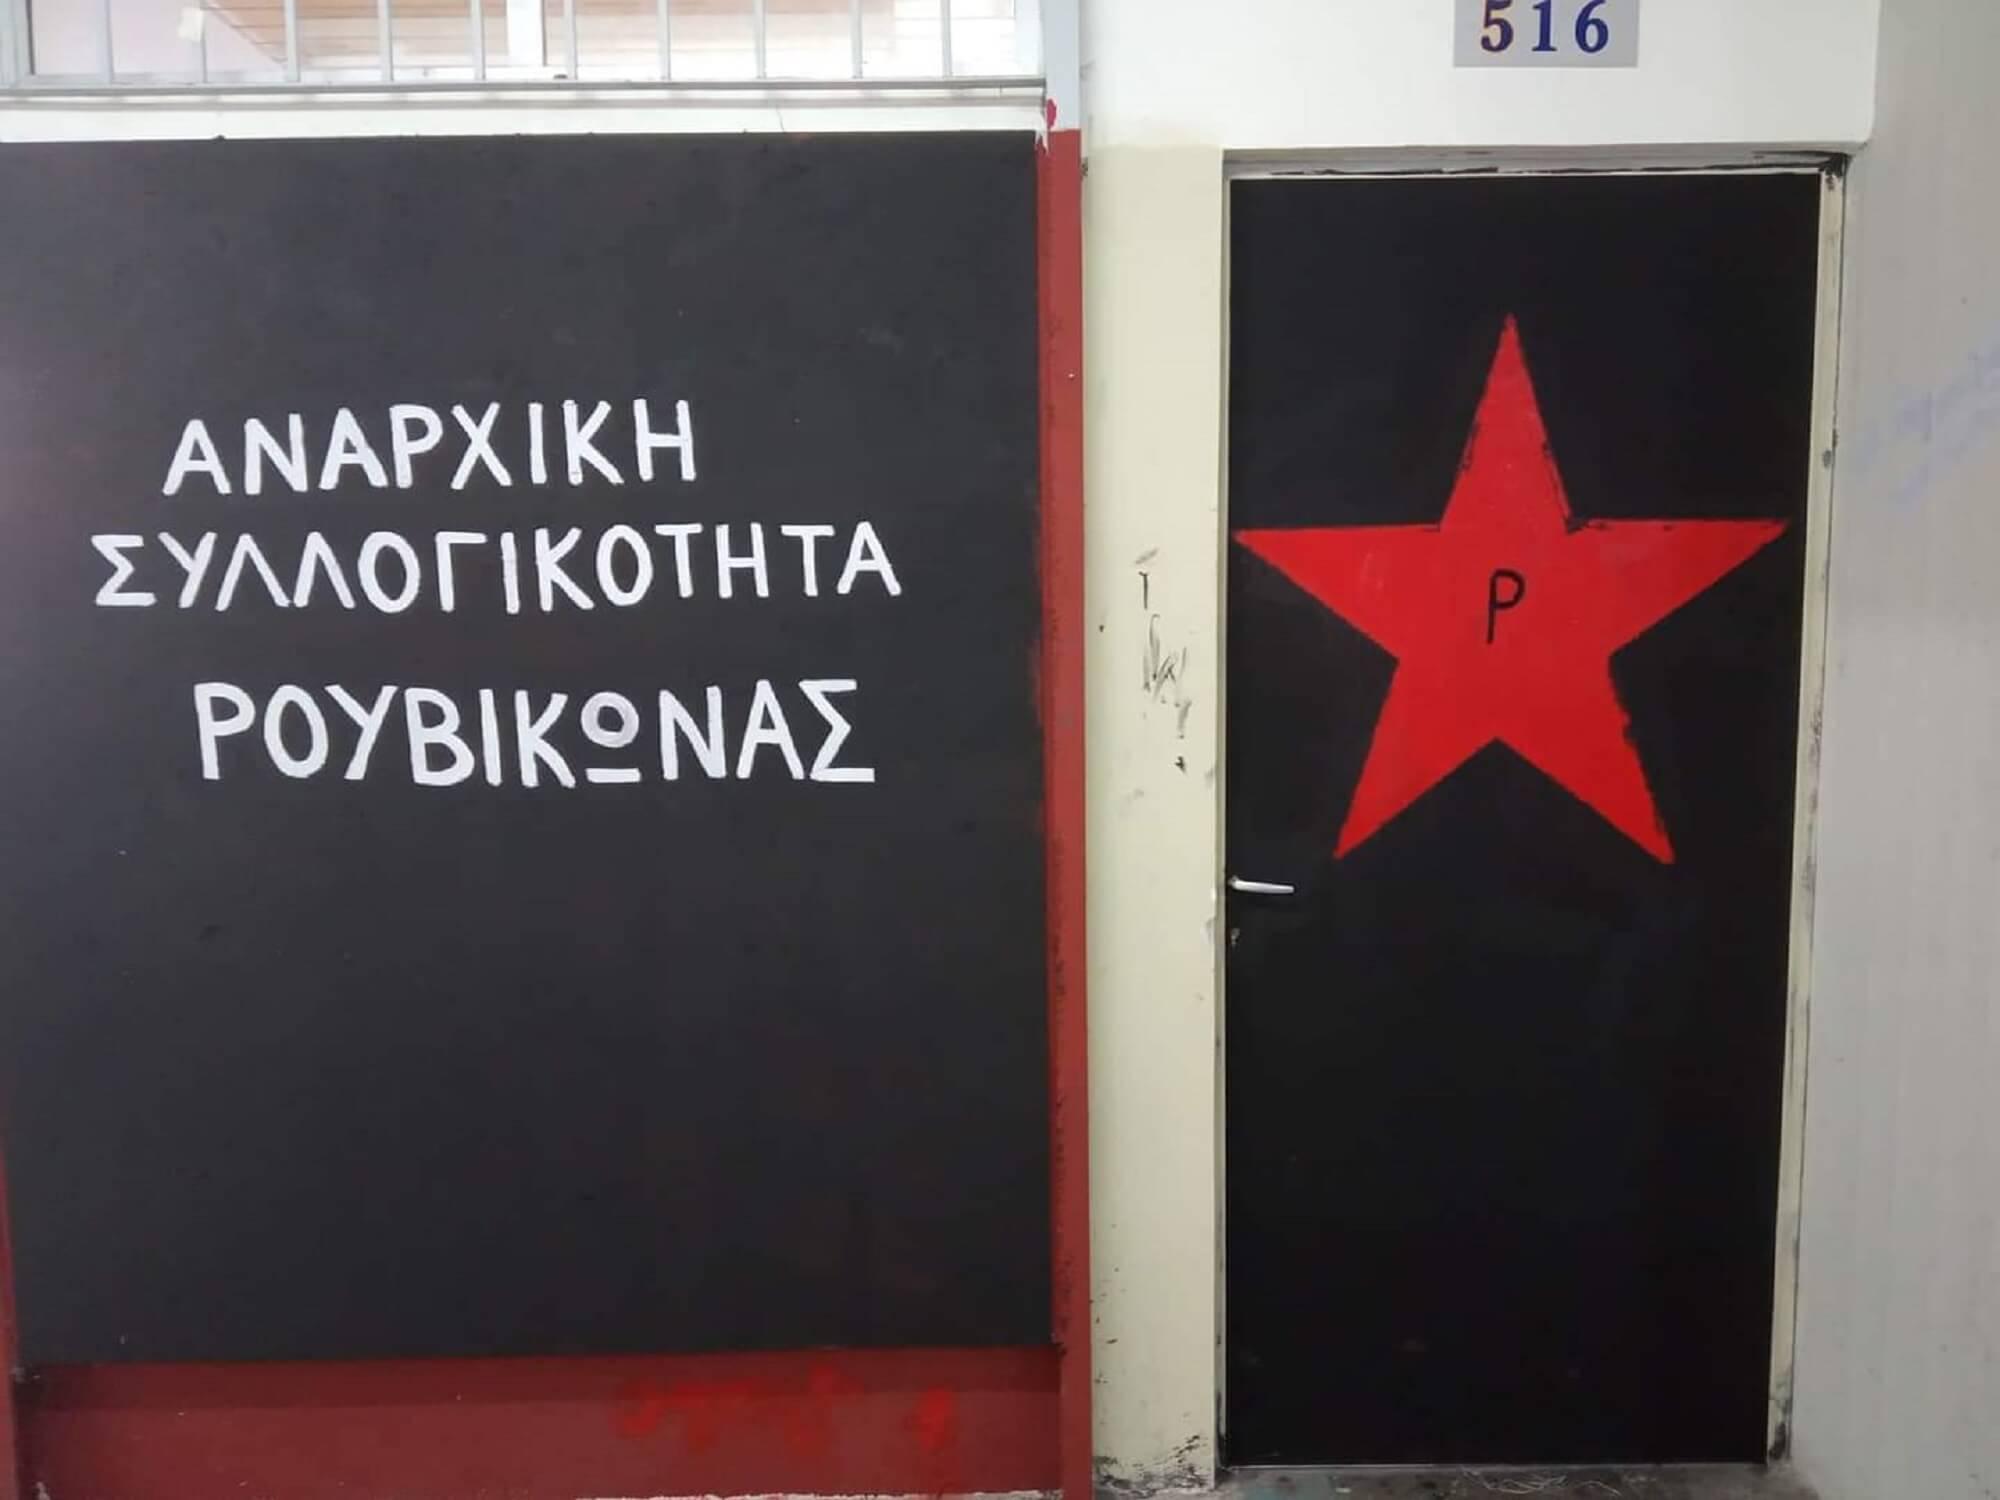 """""""Ντου"""" του Ρουβίκωνα σε κτίριο του Υπουργείου Περιβάλλοντος"""